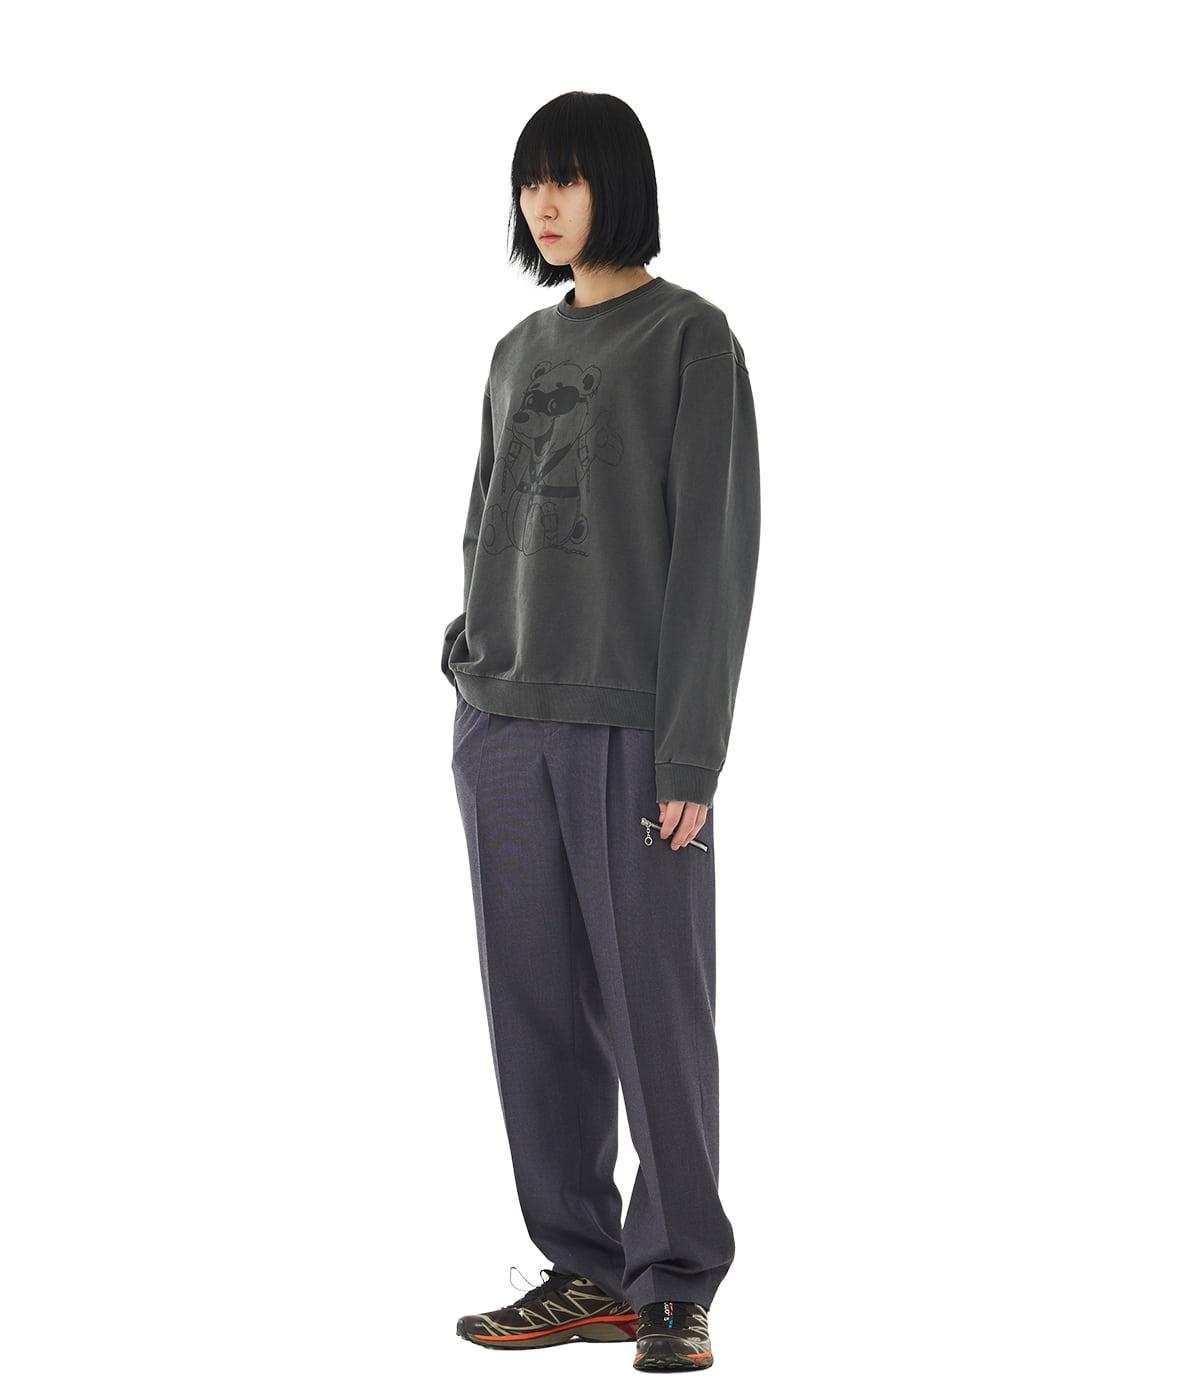 Bondaged-bear Sweatshirts (Ash Black)